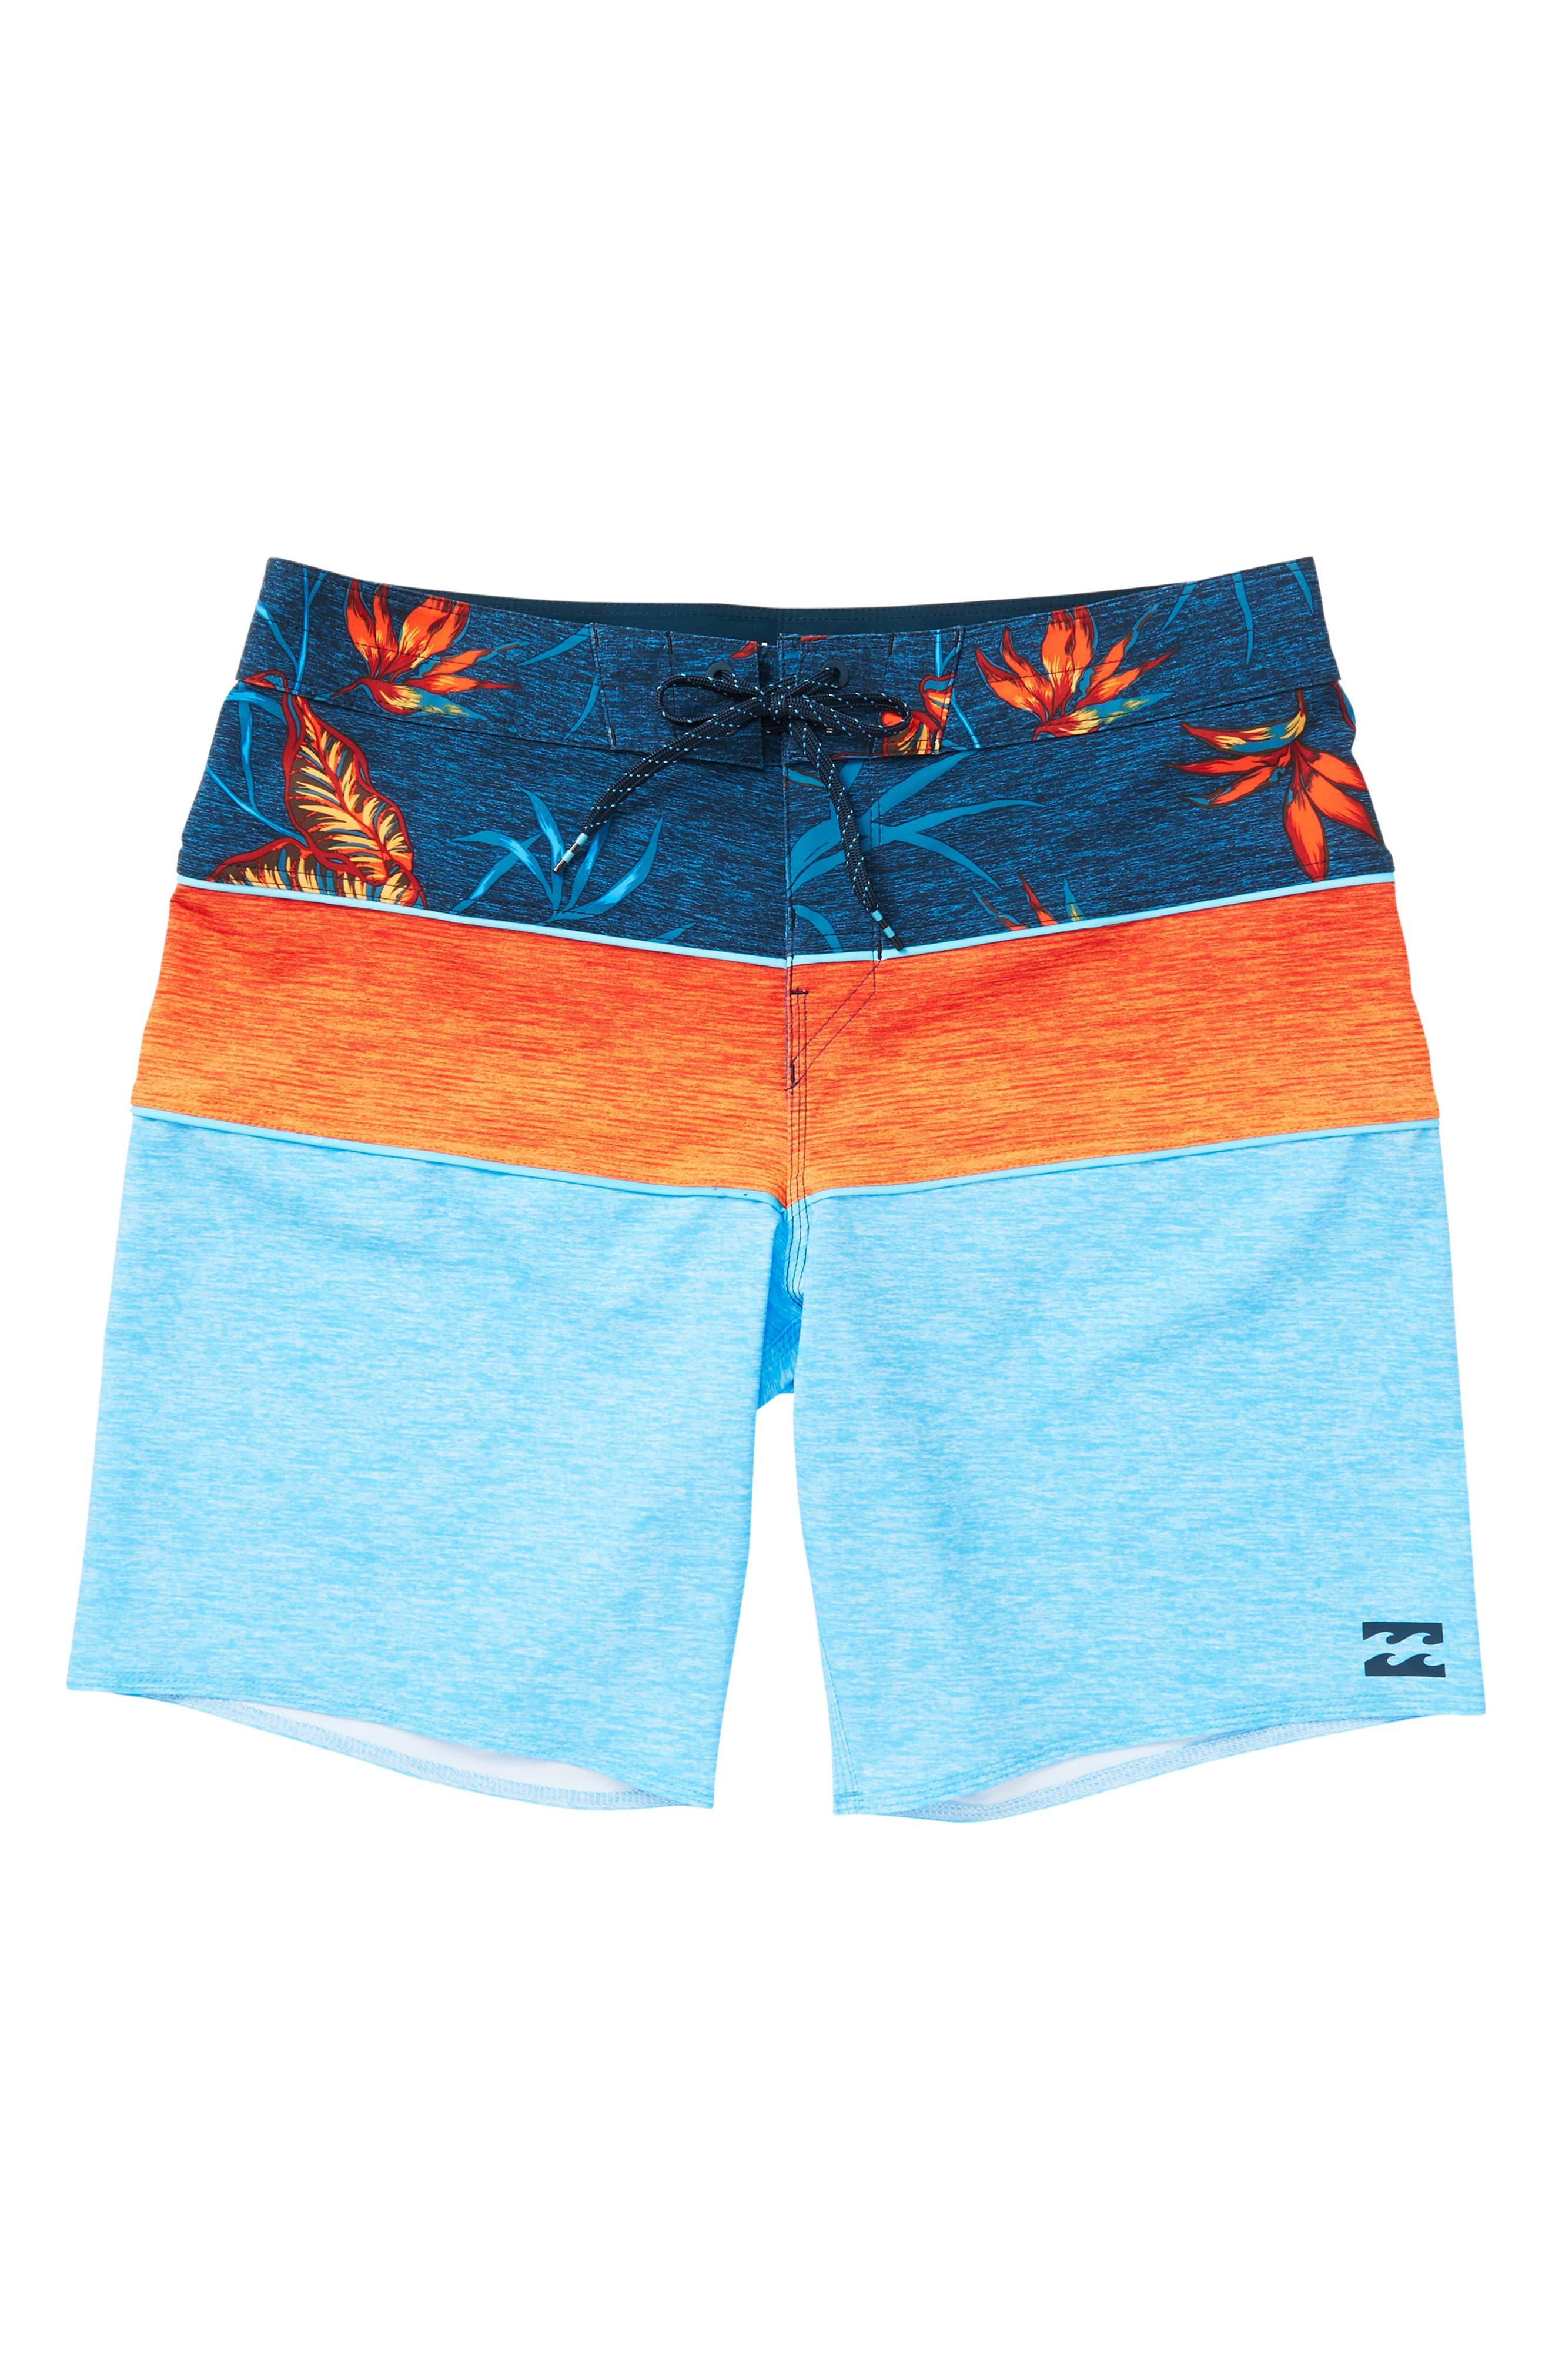 Tribong X Board Shorts,                             Main thumbnail 1, color,                             CYAN